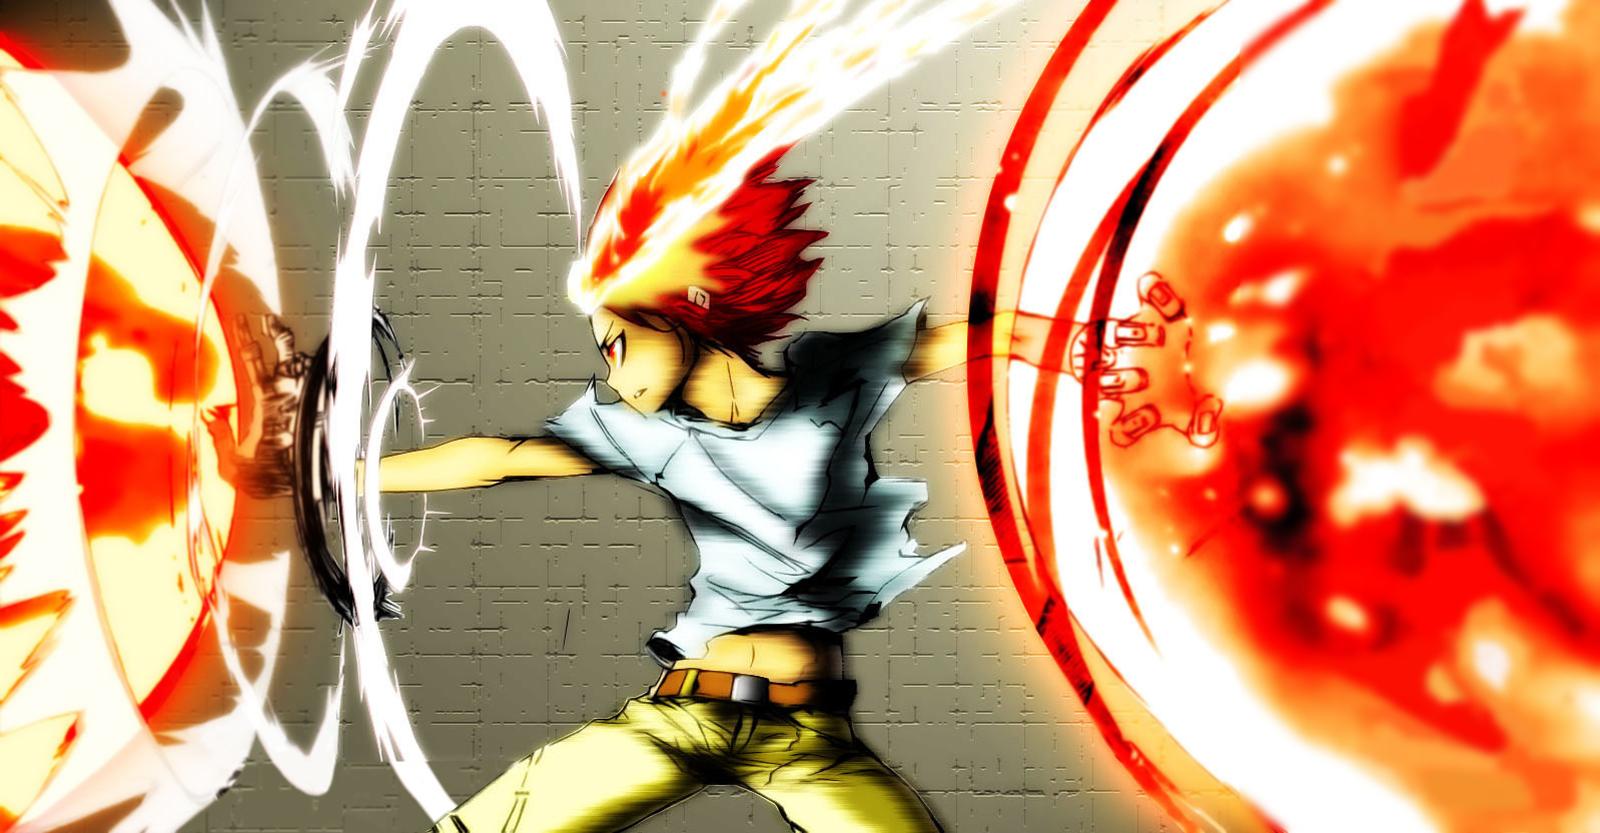 Katekyo Hitman Reborn Tsuna Anime Glove Flame HD Wallpaper Desktop PC 1600x833